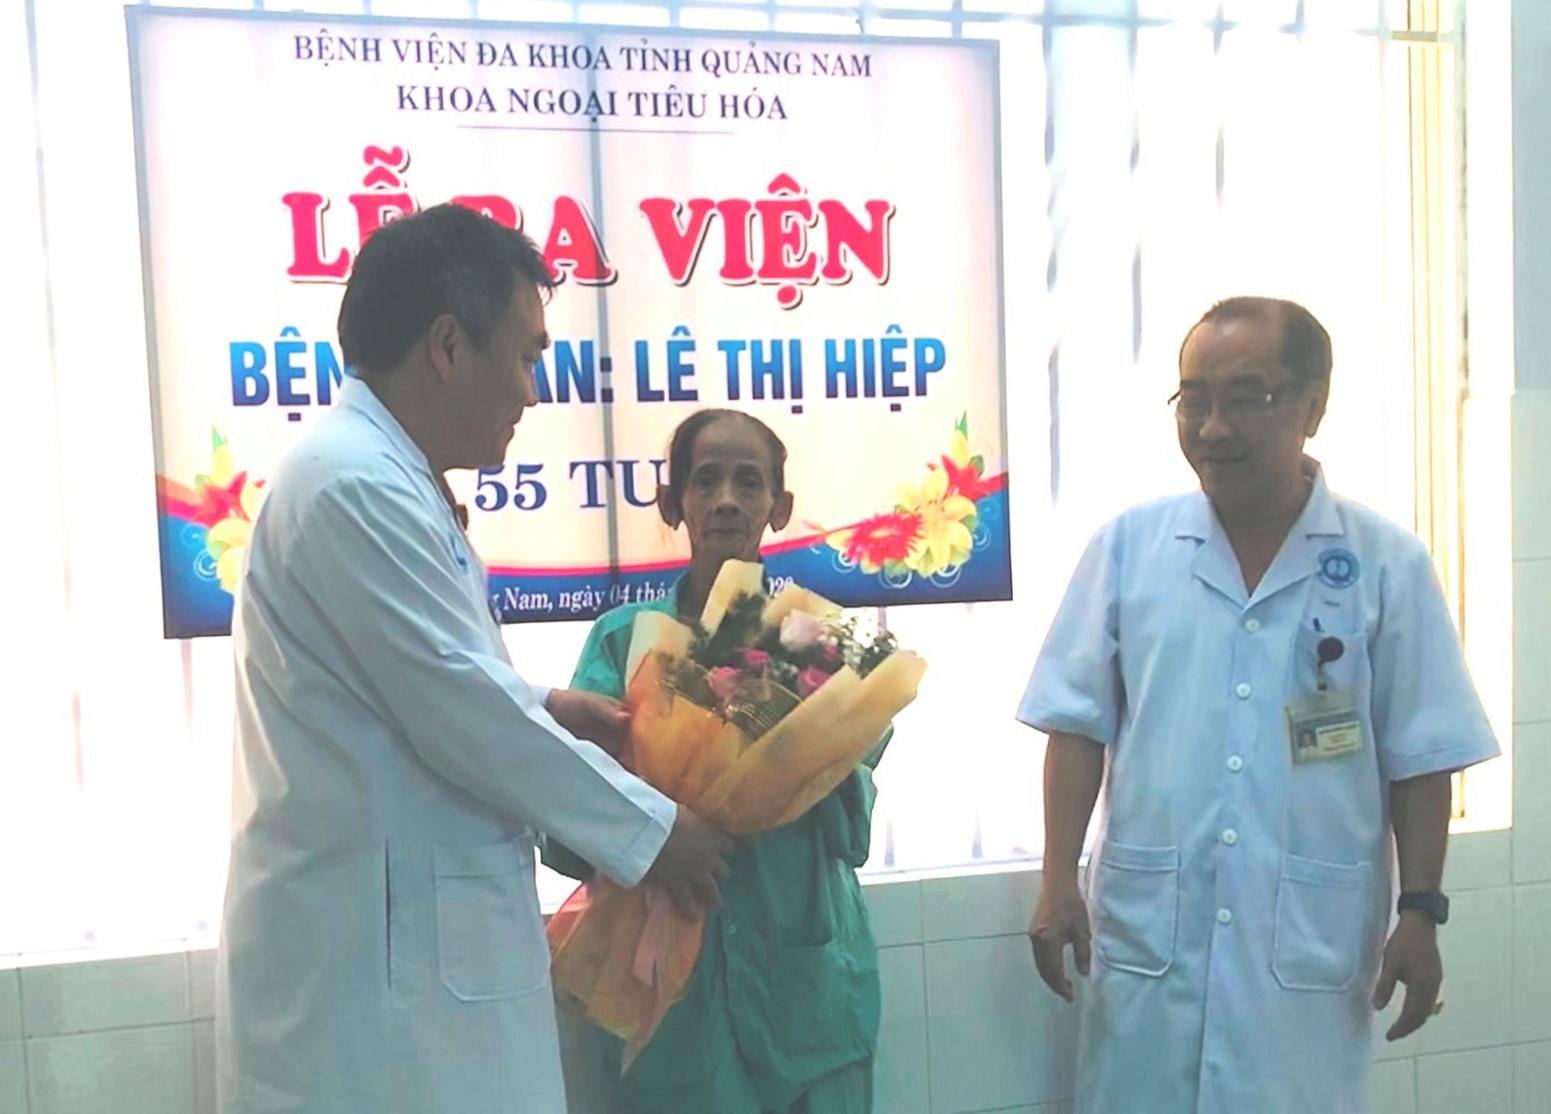 Giám đốc BVĐK Quảng Nam (trái) tặng hoa và trao giấy ra viện cho bệnh nhân. Ảnh: C.N